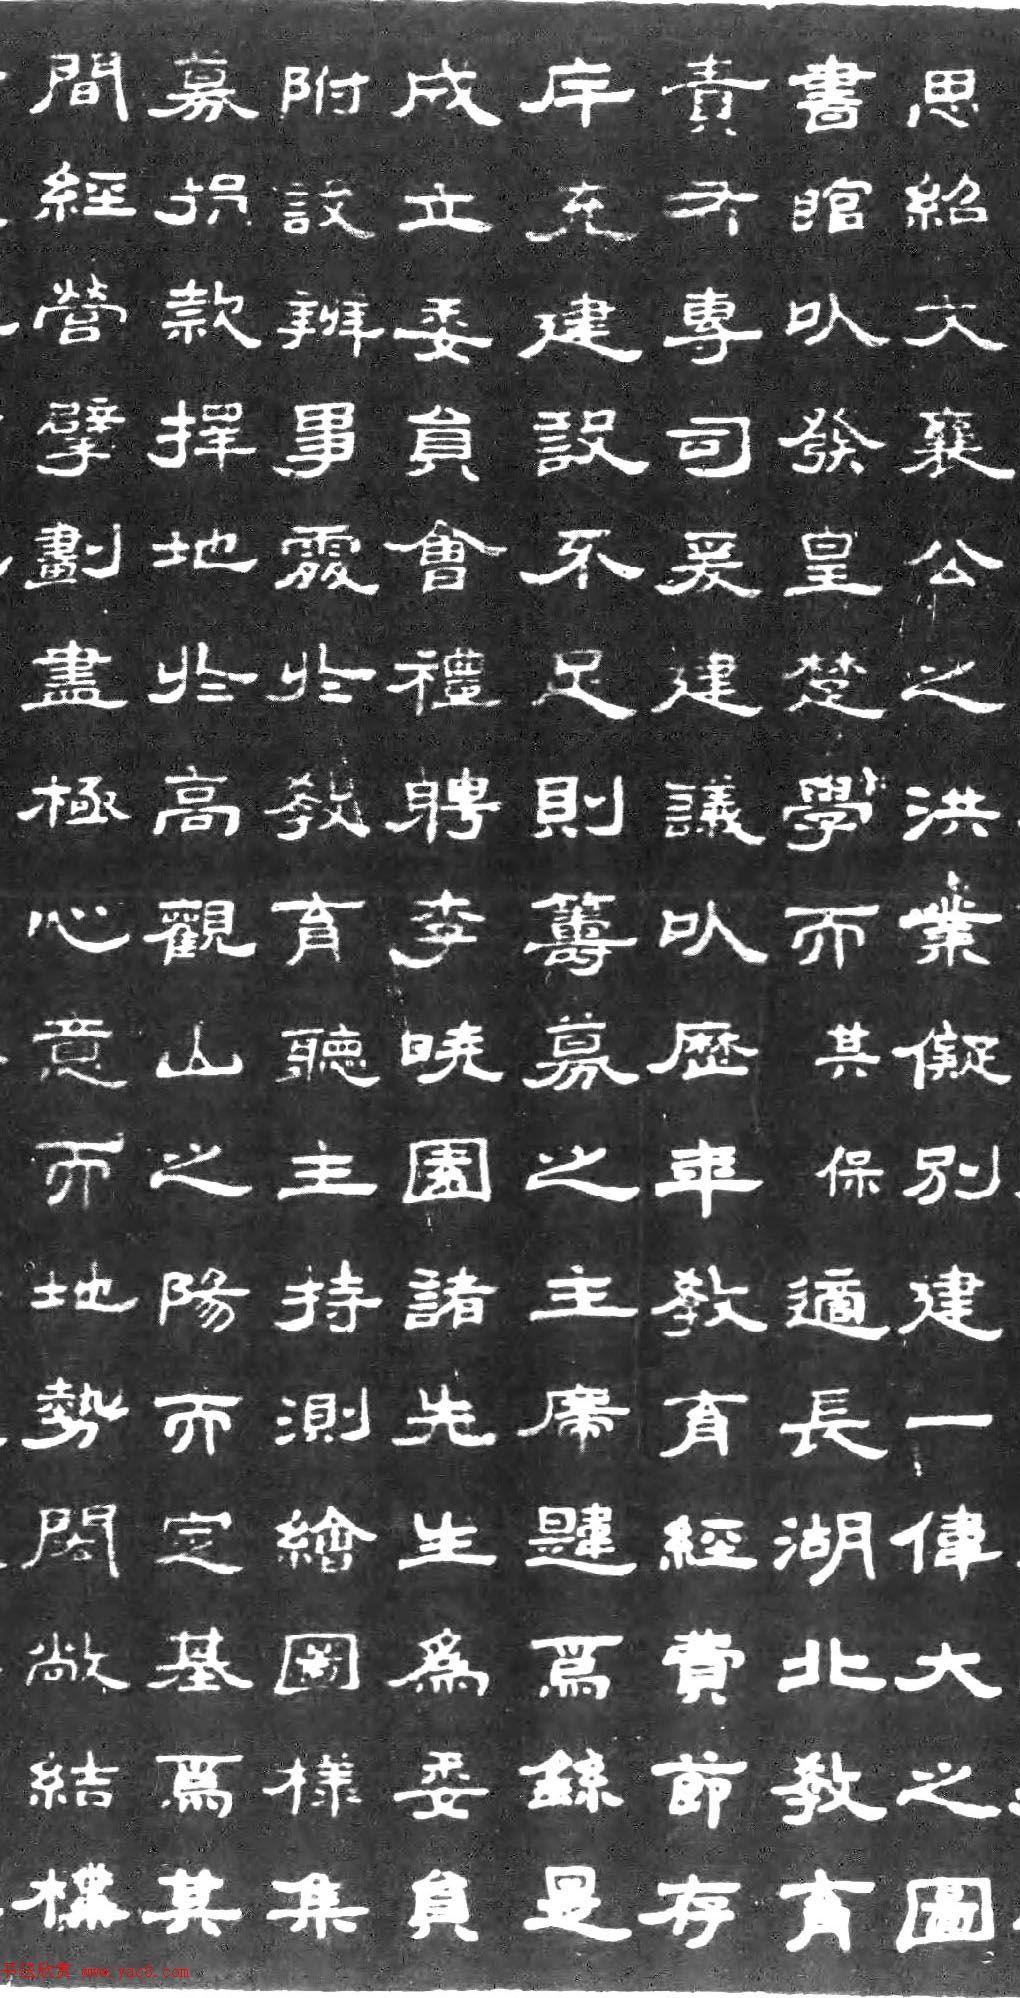 程其保隶书《湖北省立图书馆记》